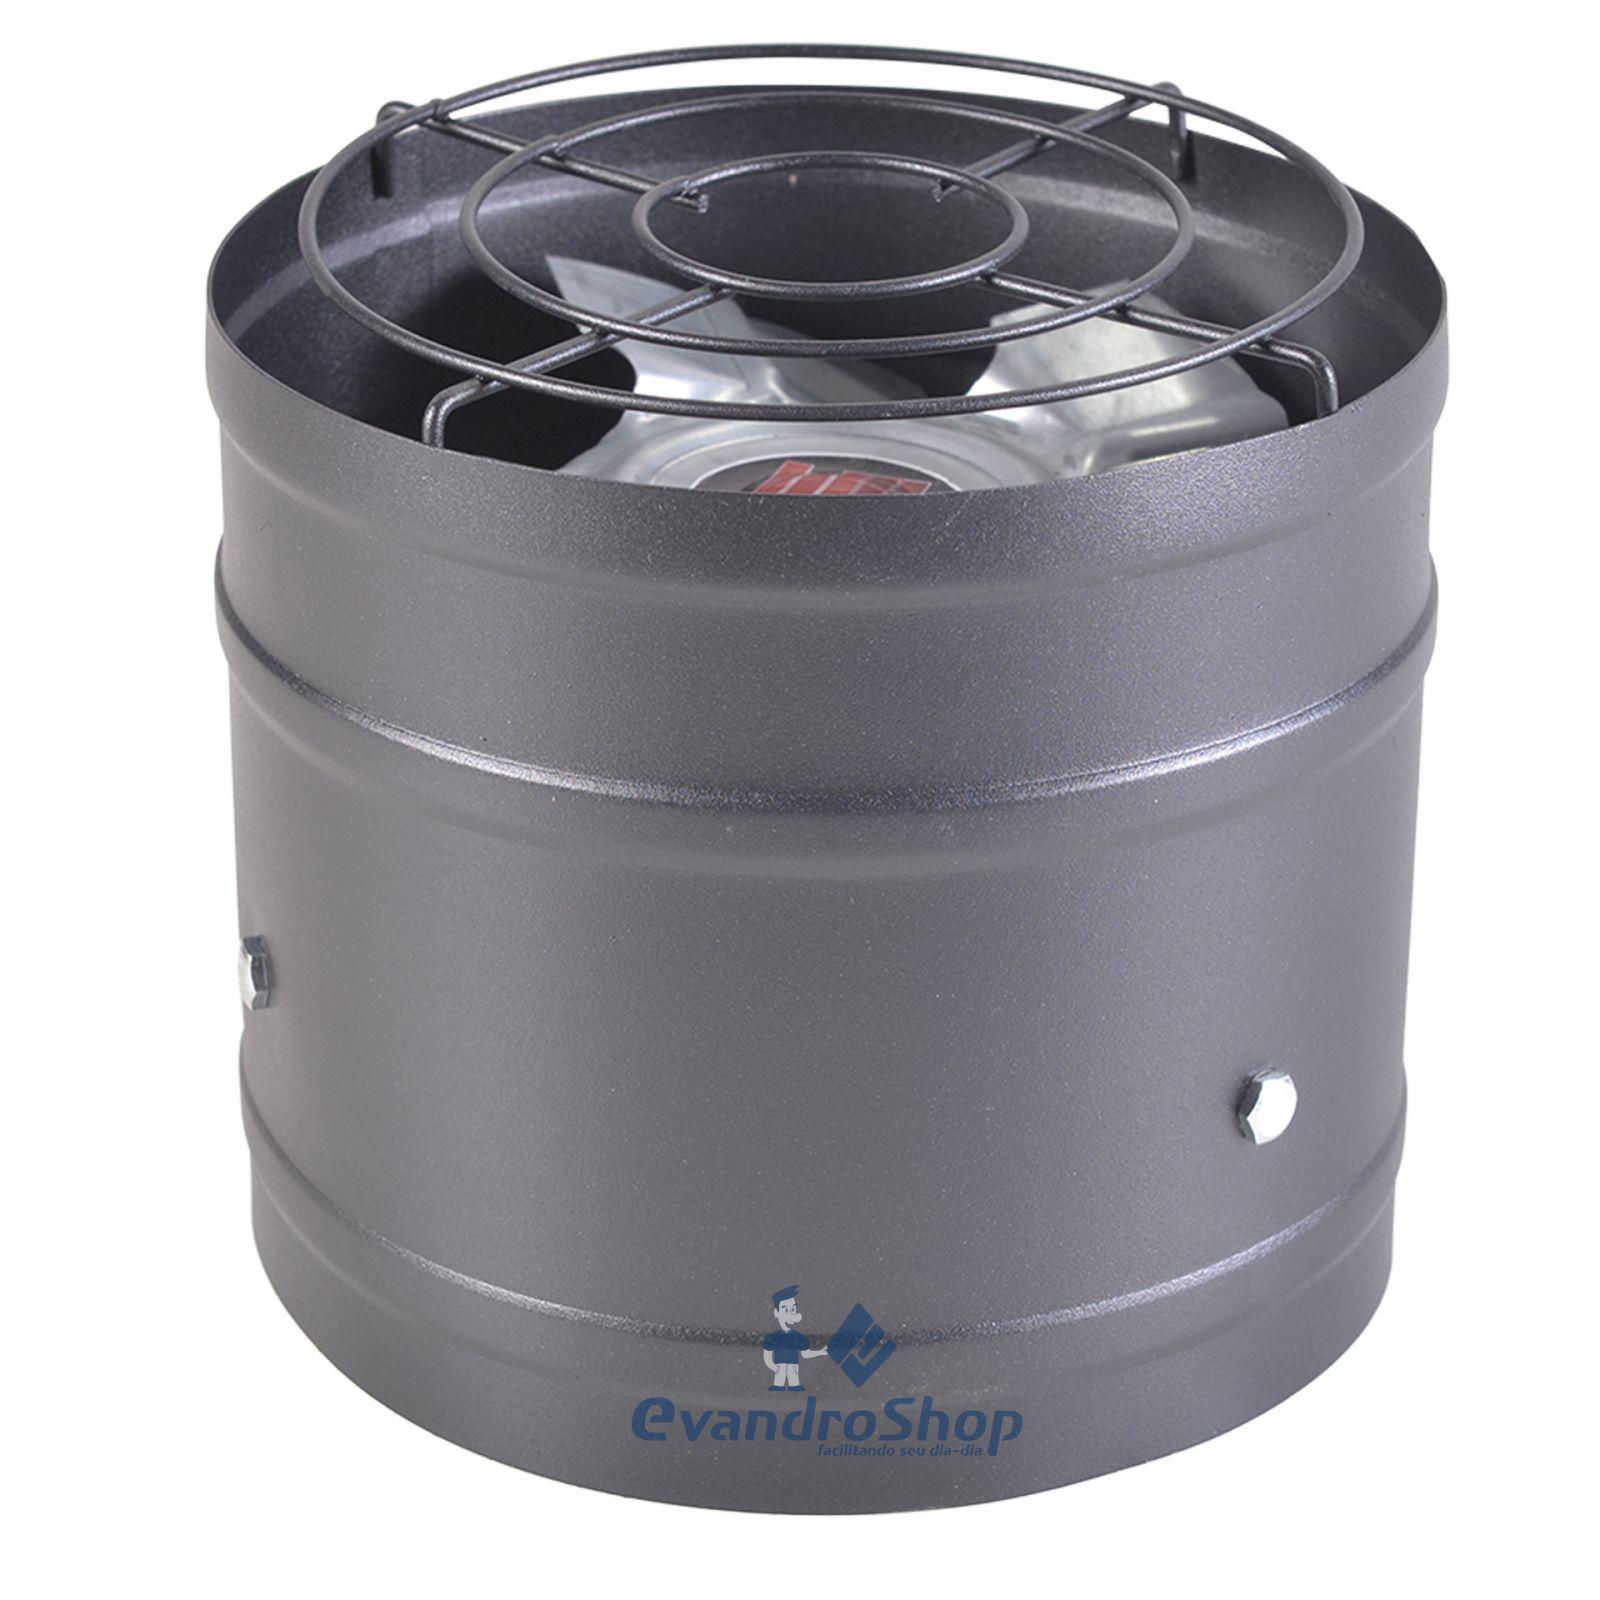 Exaustor Industrial 20Cm Exaustão/Ventilação 95W Bivolt - Mared